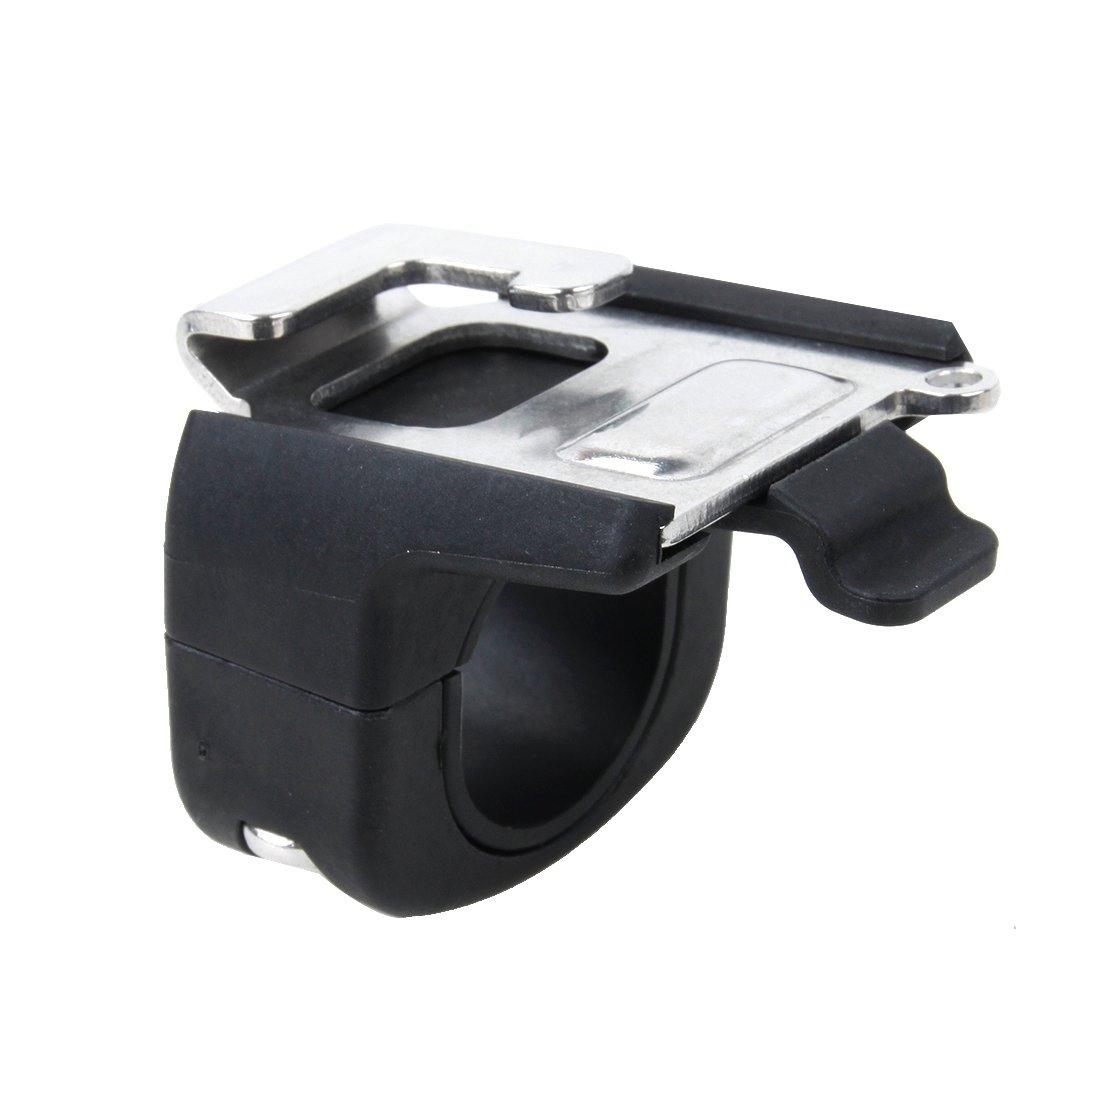 TMC remoto Tubo pantalla plana Set hebilla para el mando a distancia de GoPro Hero4//3/+ Pantalla plana